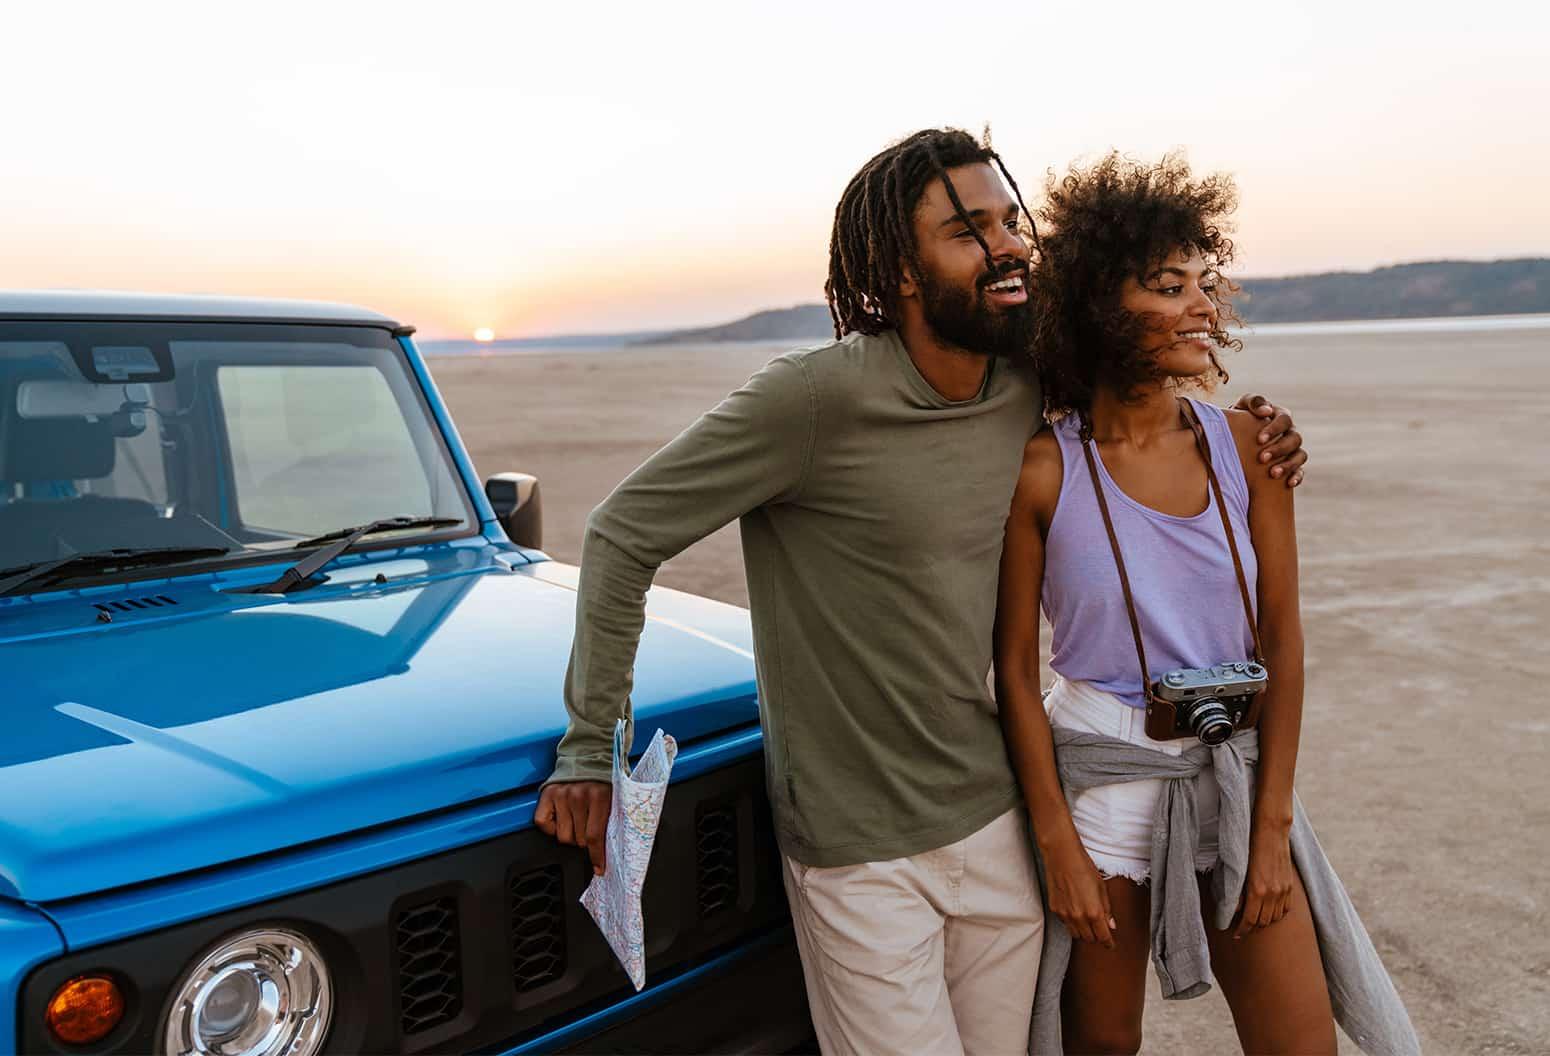 couple on vacation in Arizona desert